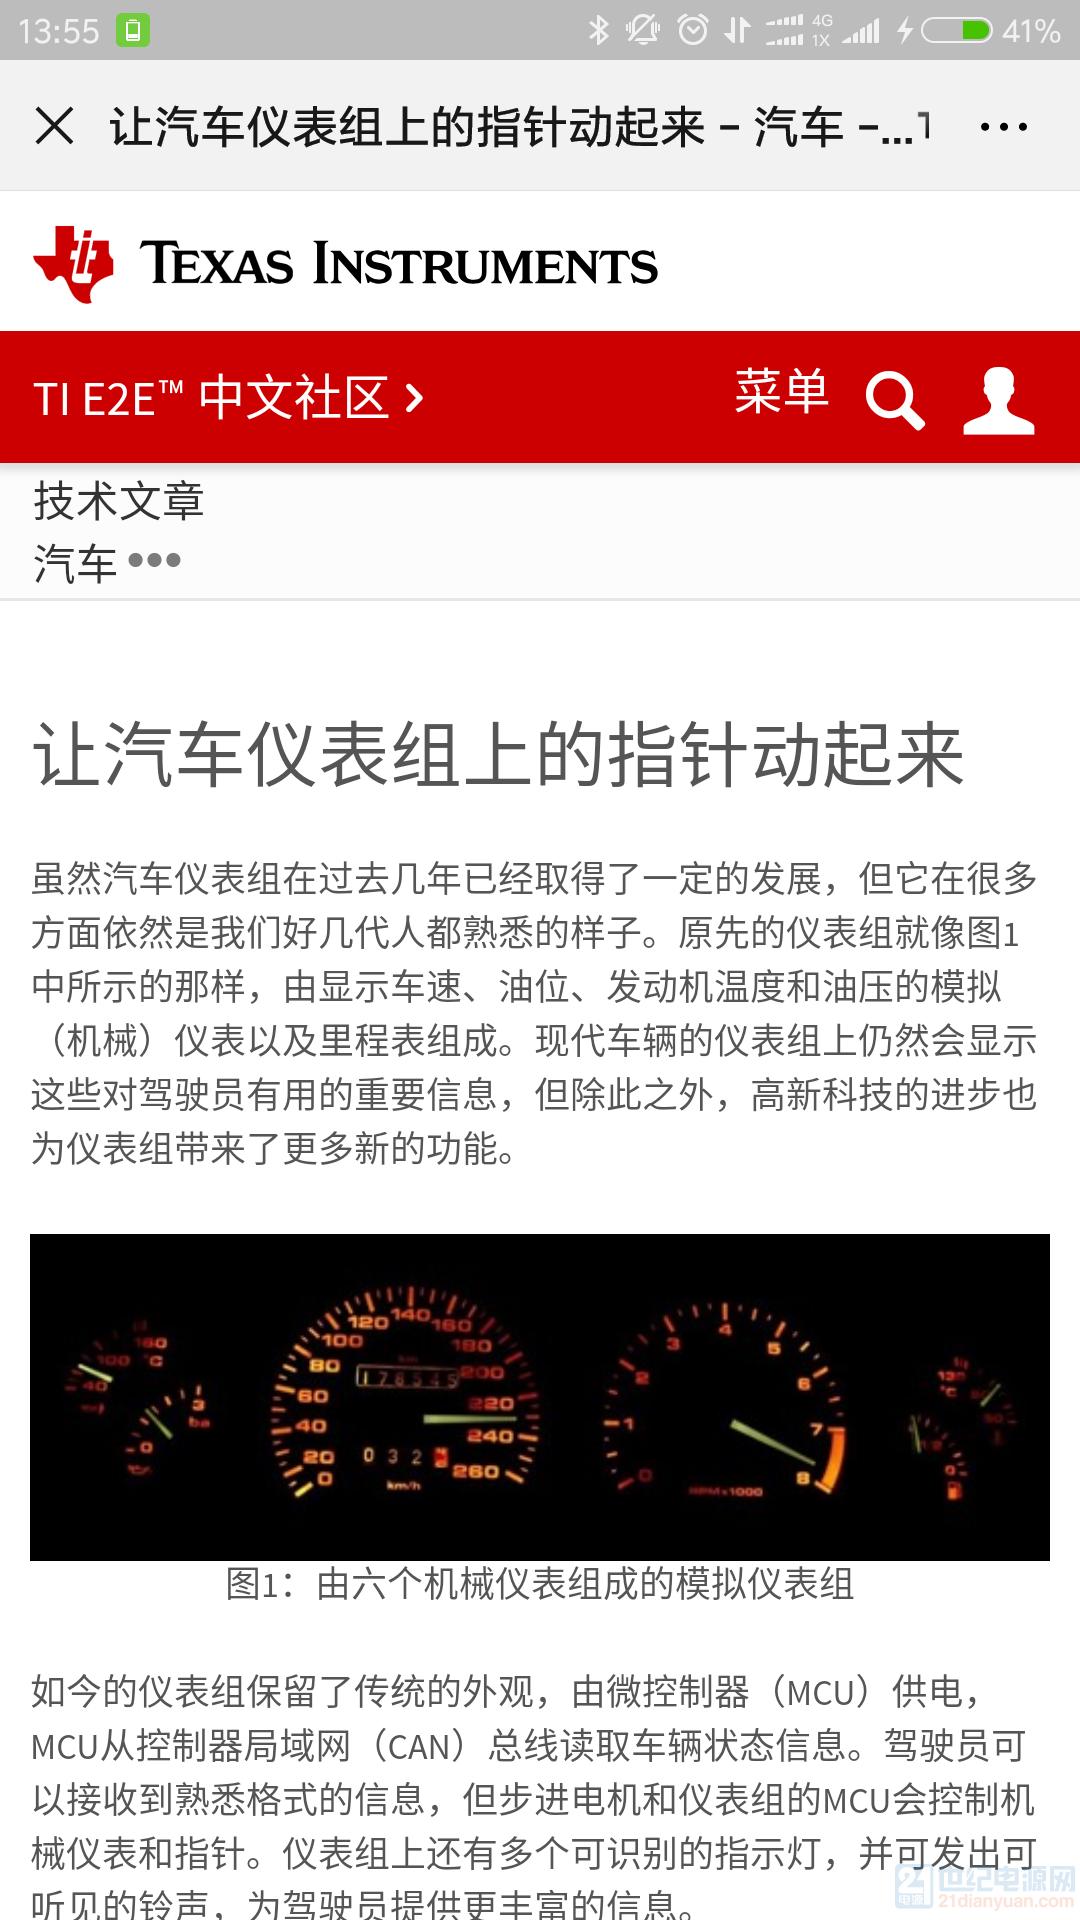 Screenshot_2019-11-01-13-55-18-645_com.tencent.mm.png